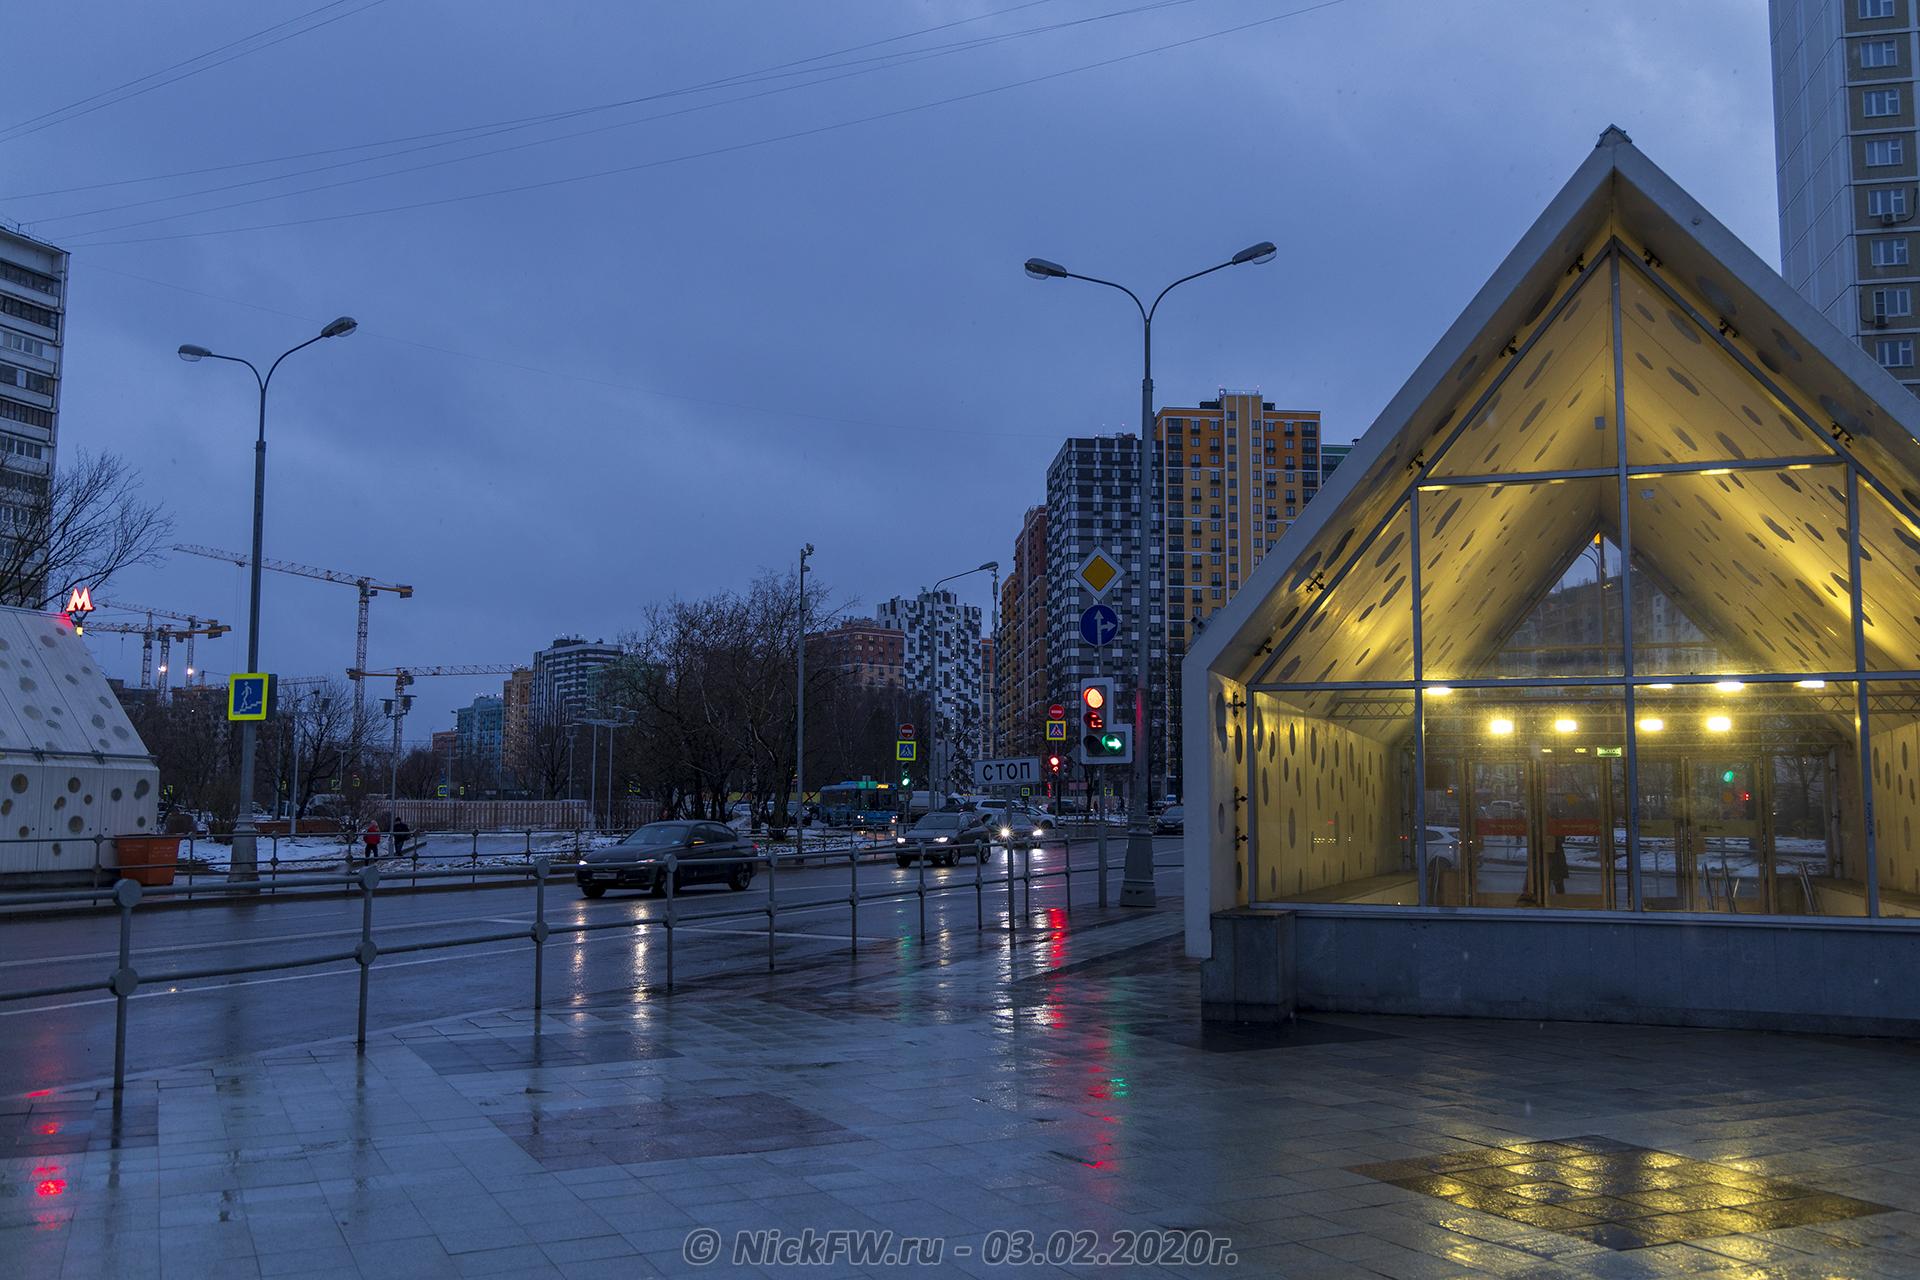 2. Вид на ЖК Лучи от станции метро Солнцево © NickFW.ru - 03.02.2020г.